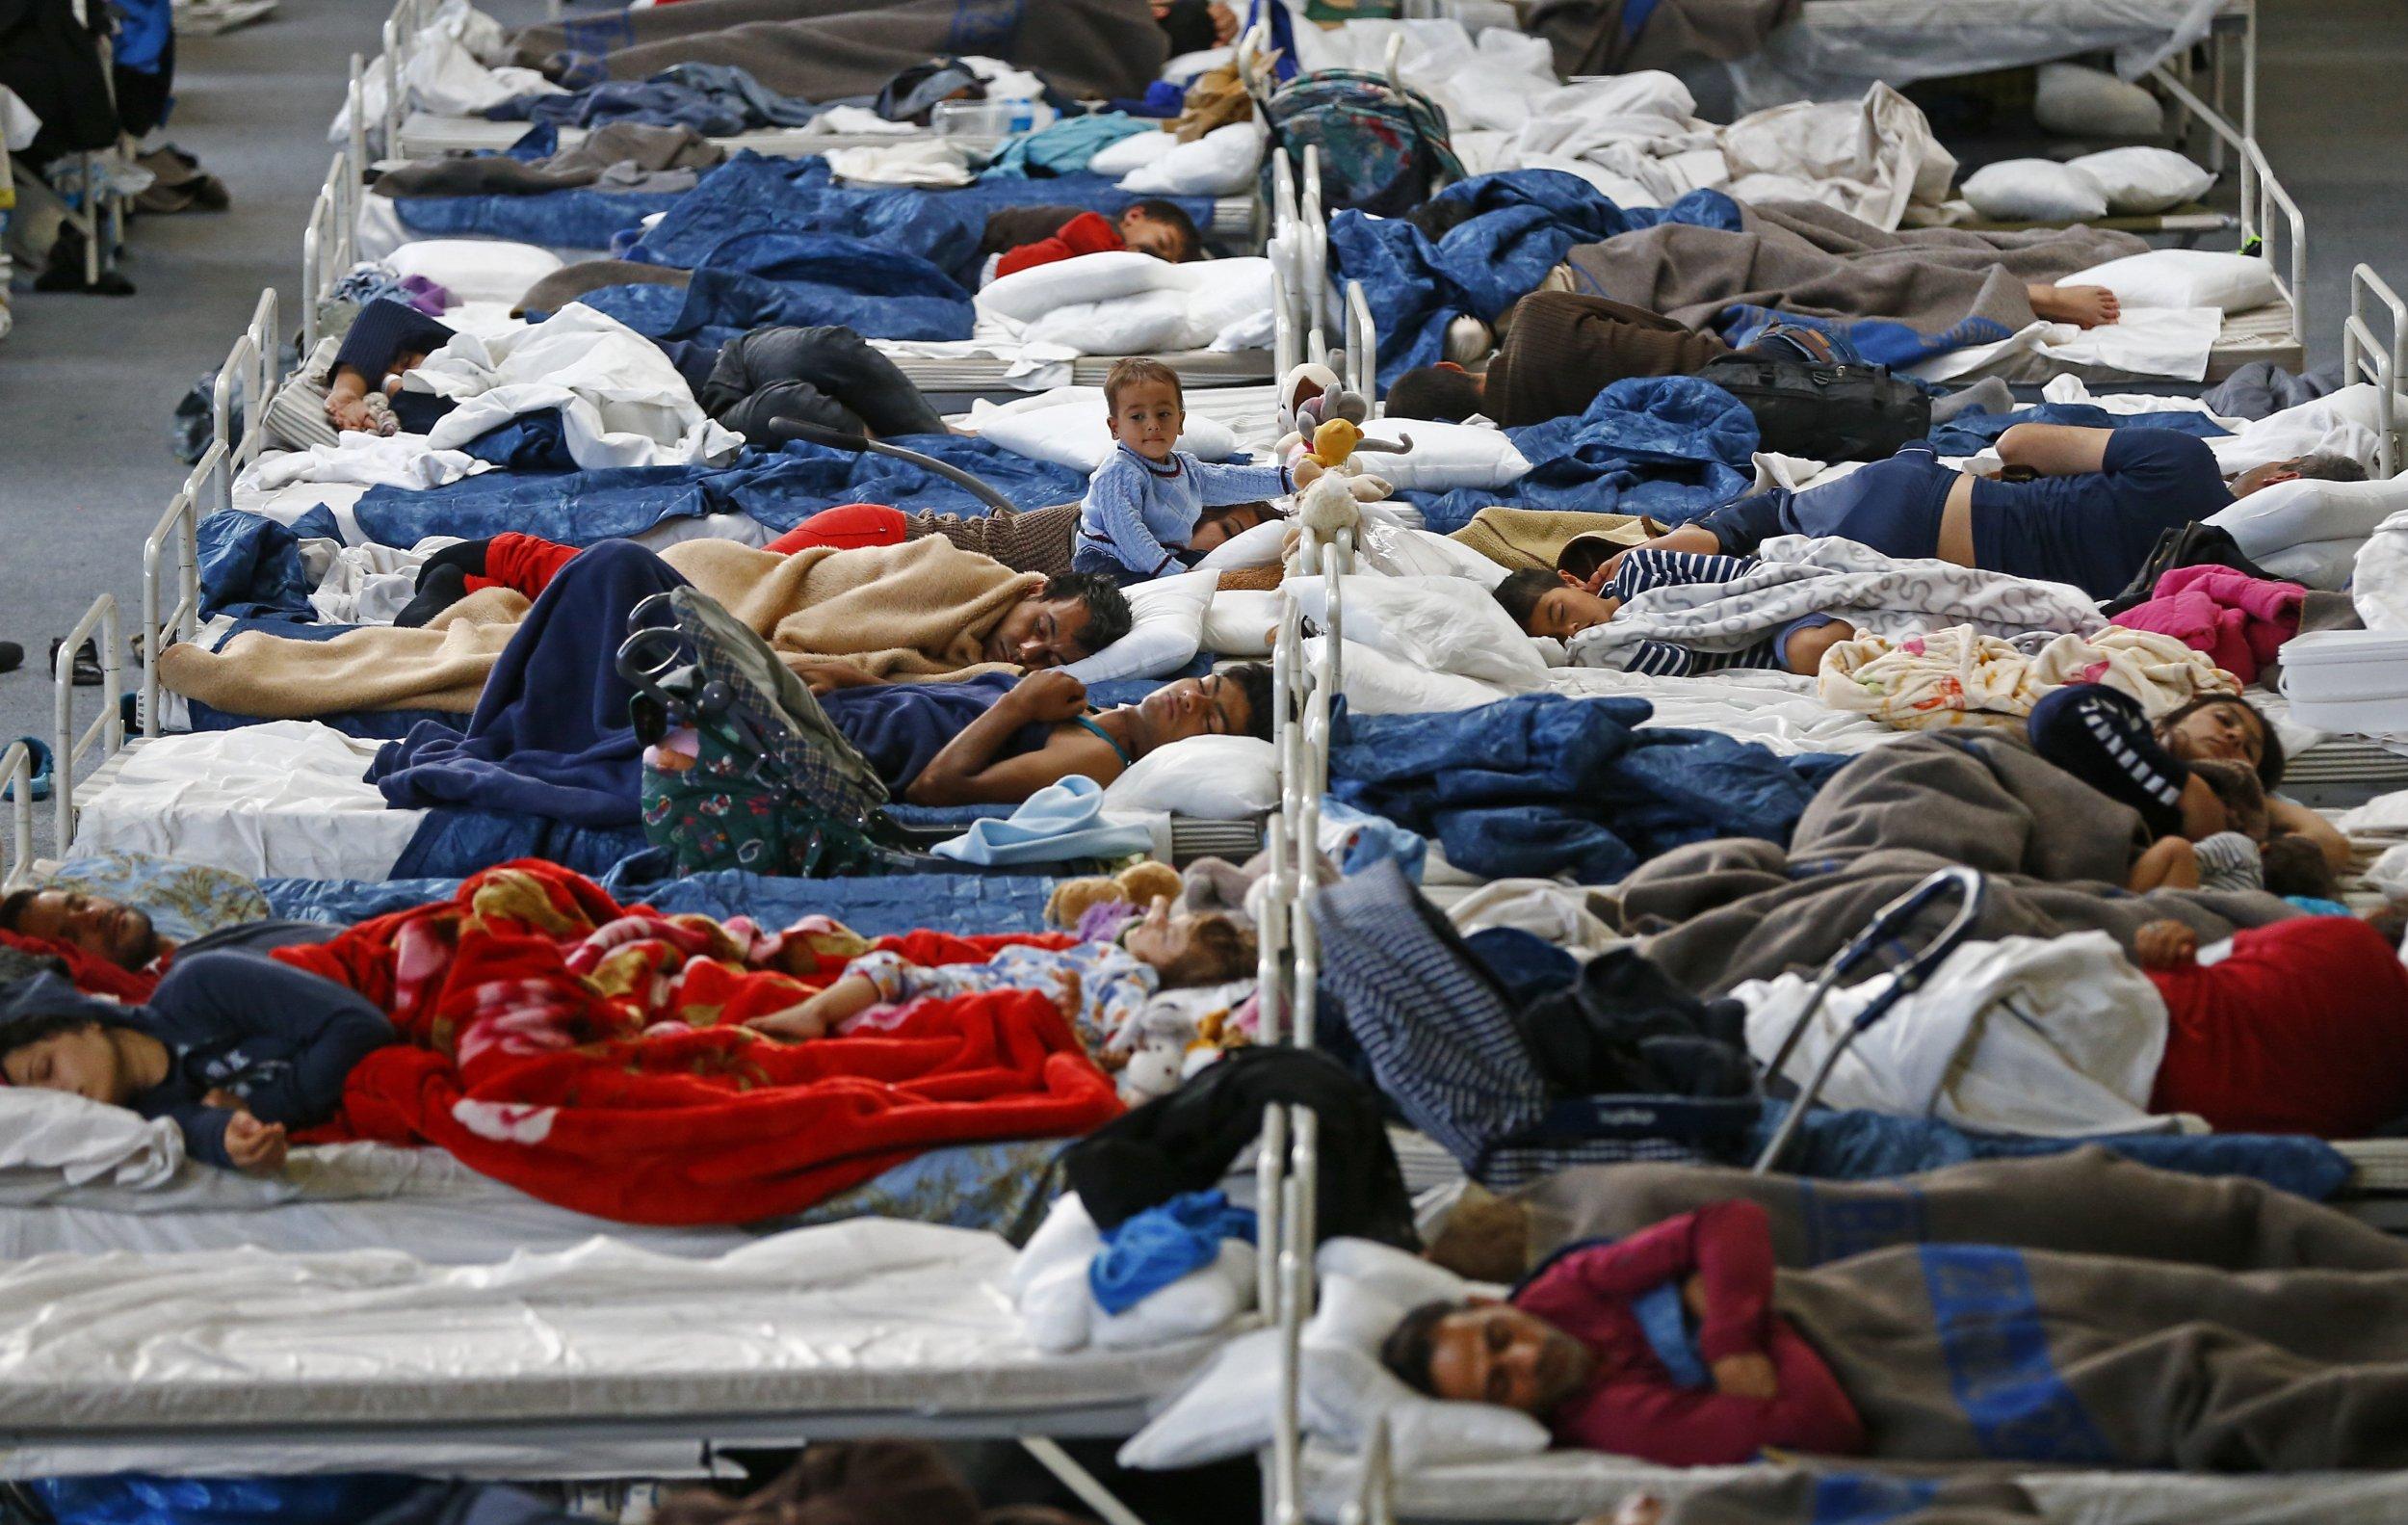 09_23_GermanyRefugees_01